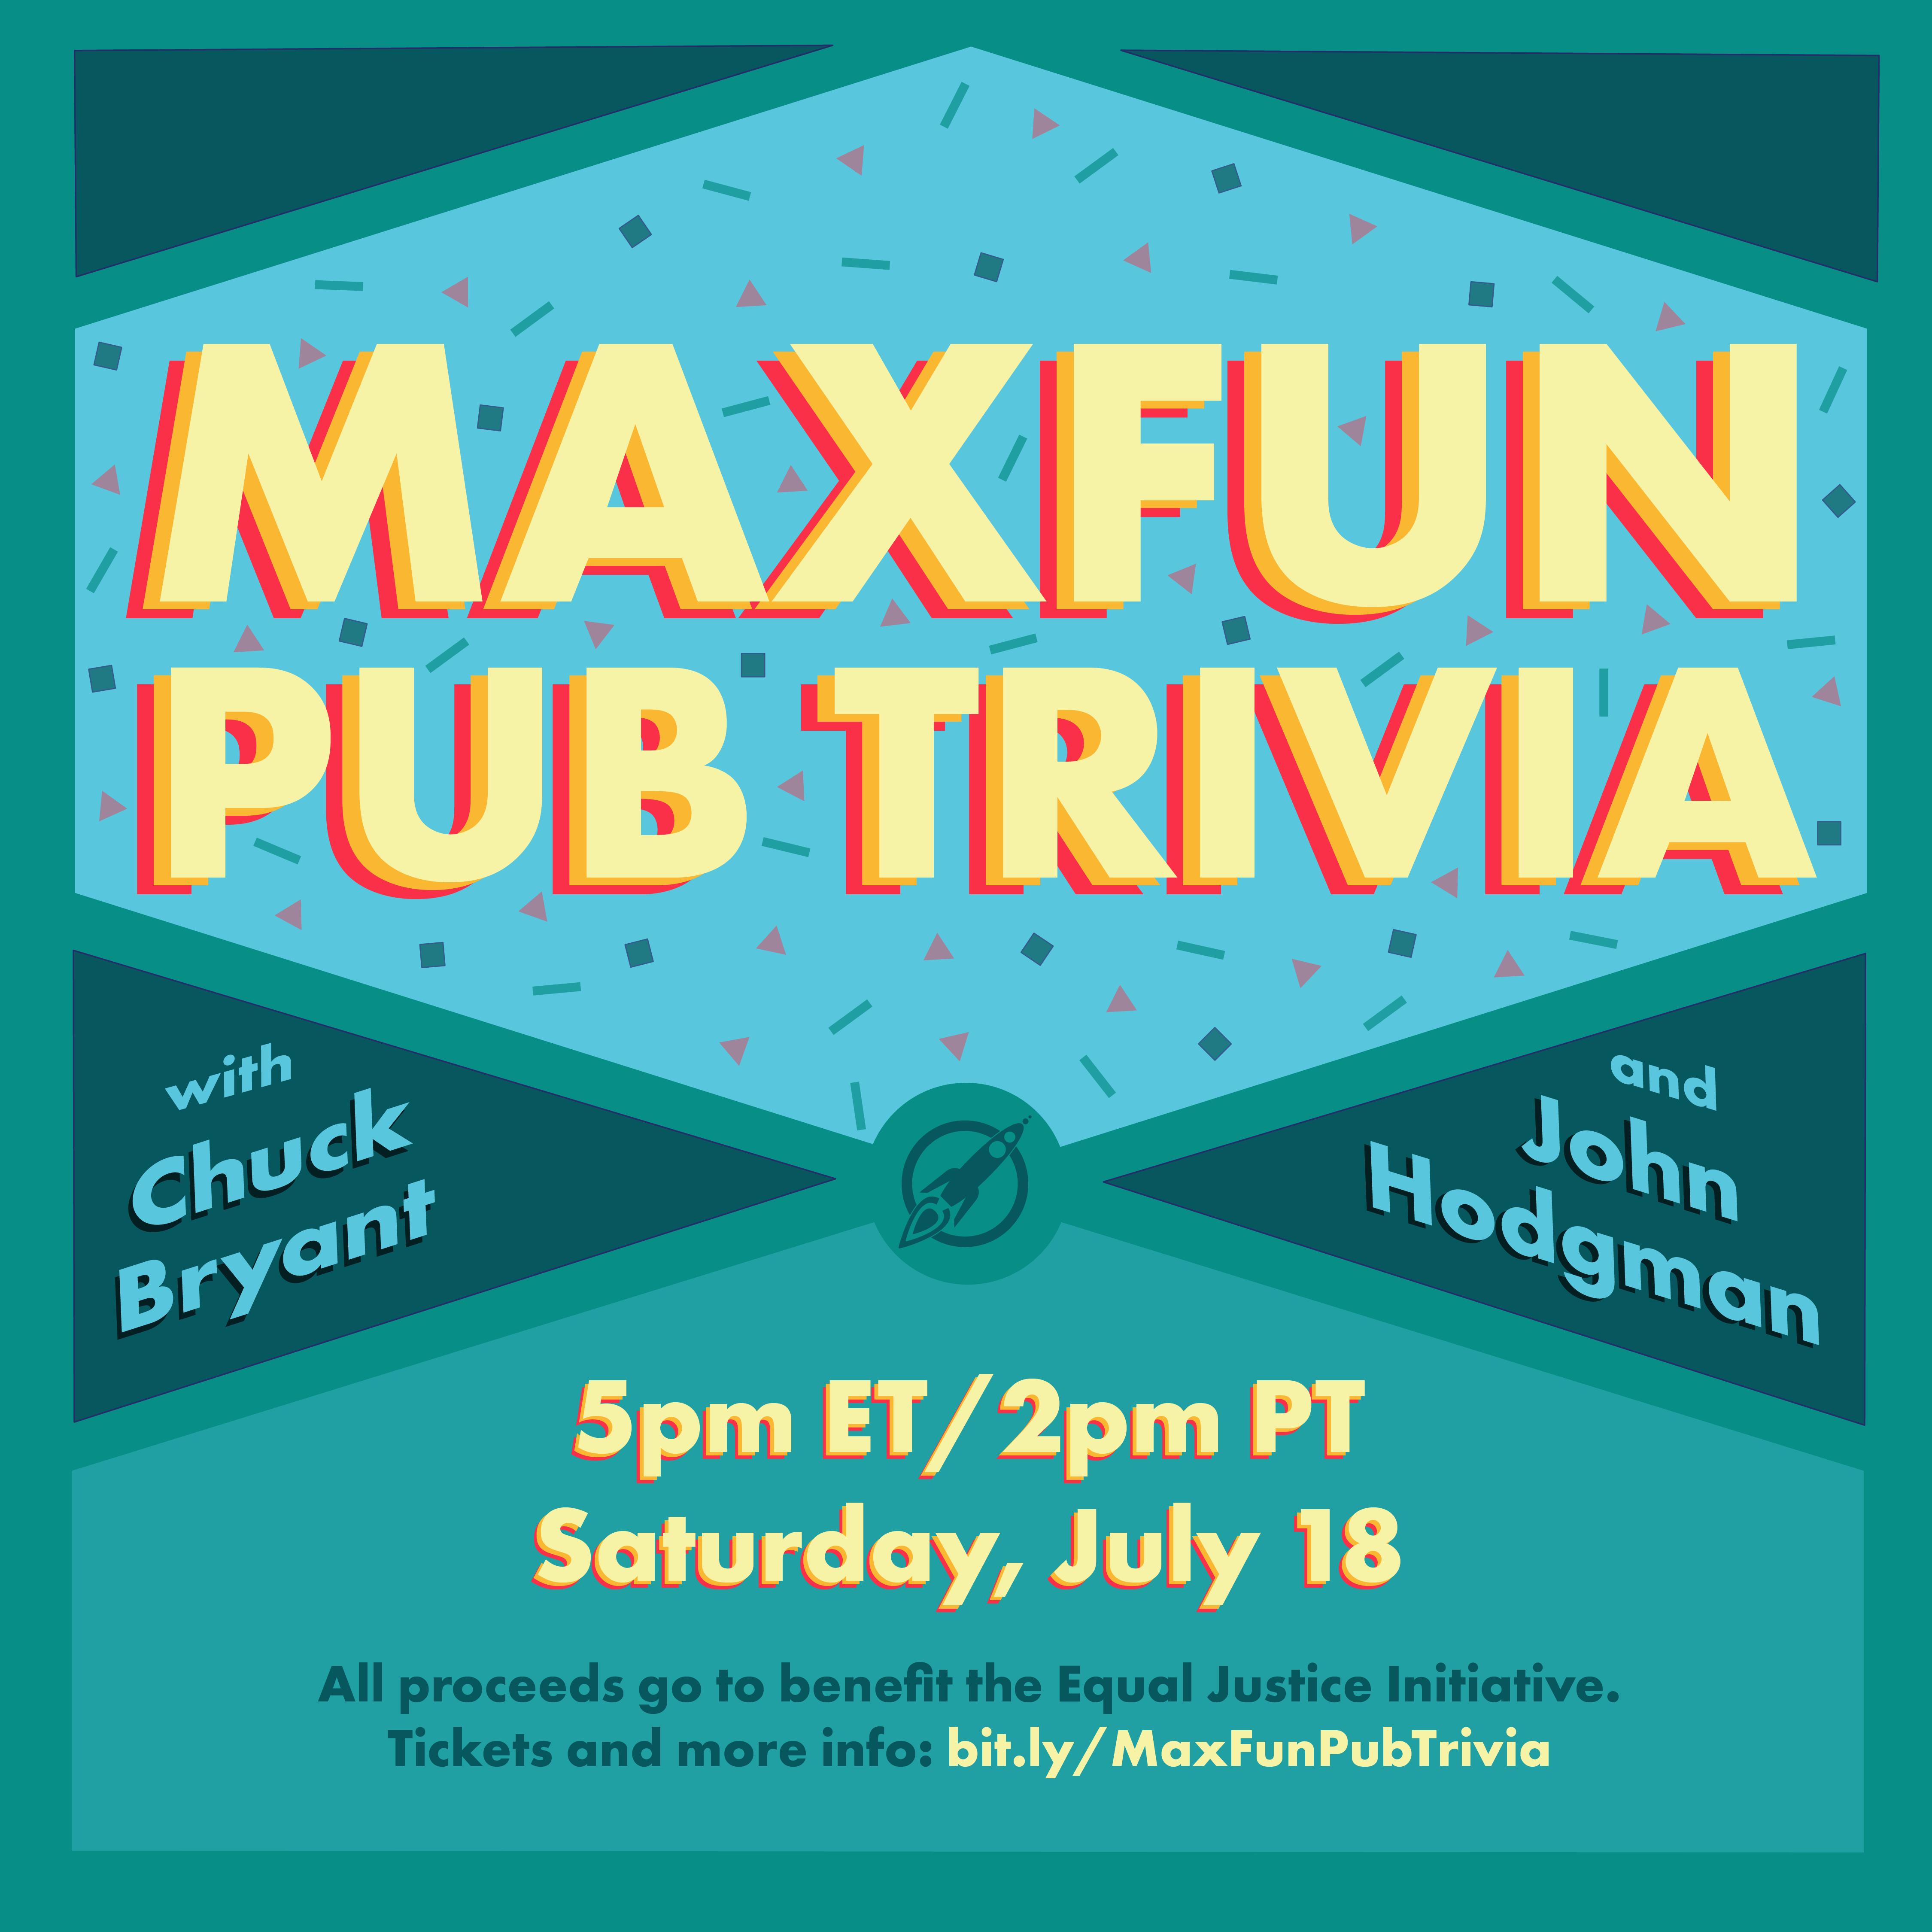 MaxFun Pub Trivia Flyer